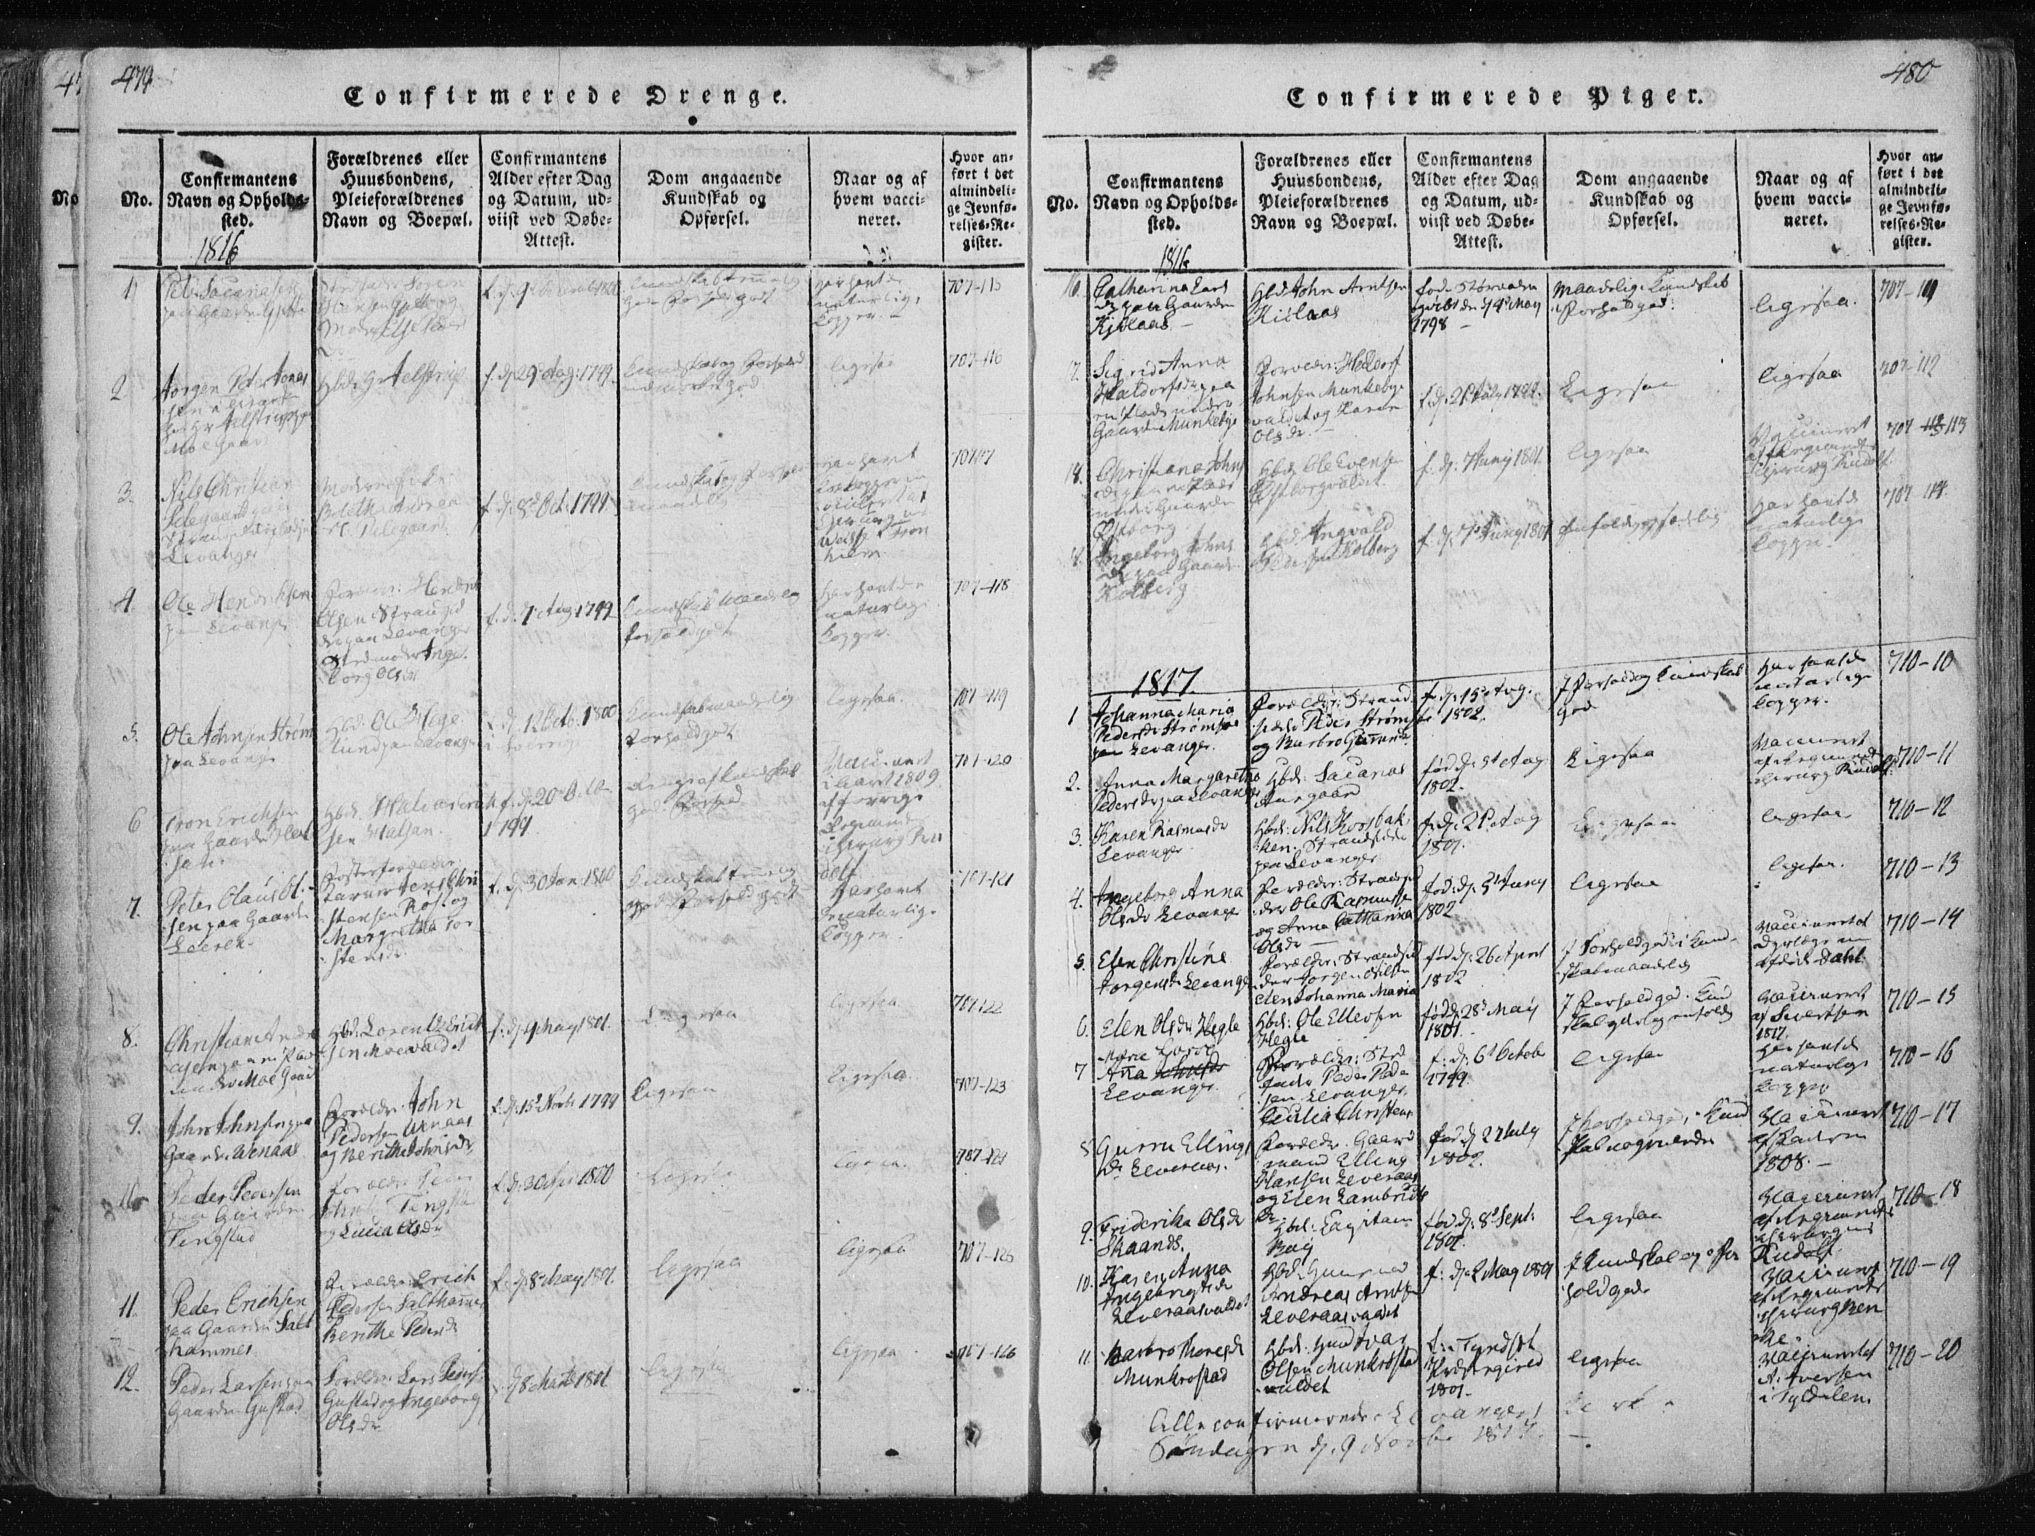 SAT, Ministerialprotokoller, klokkerbøker og fødselsregistre - Nord-Trøndelag, 717/L0148: Ministerialbok nr. 717A04 /2, 1816-1825, s. 479-480